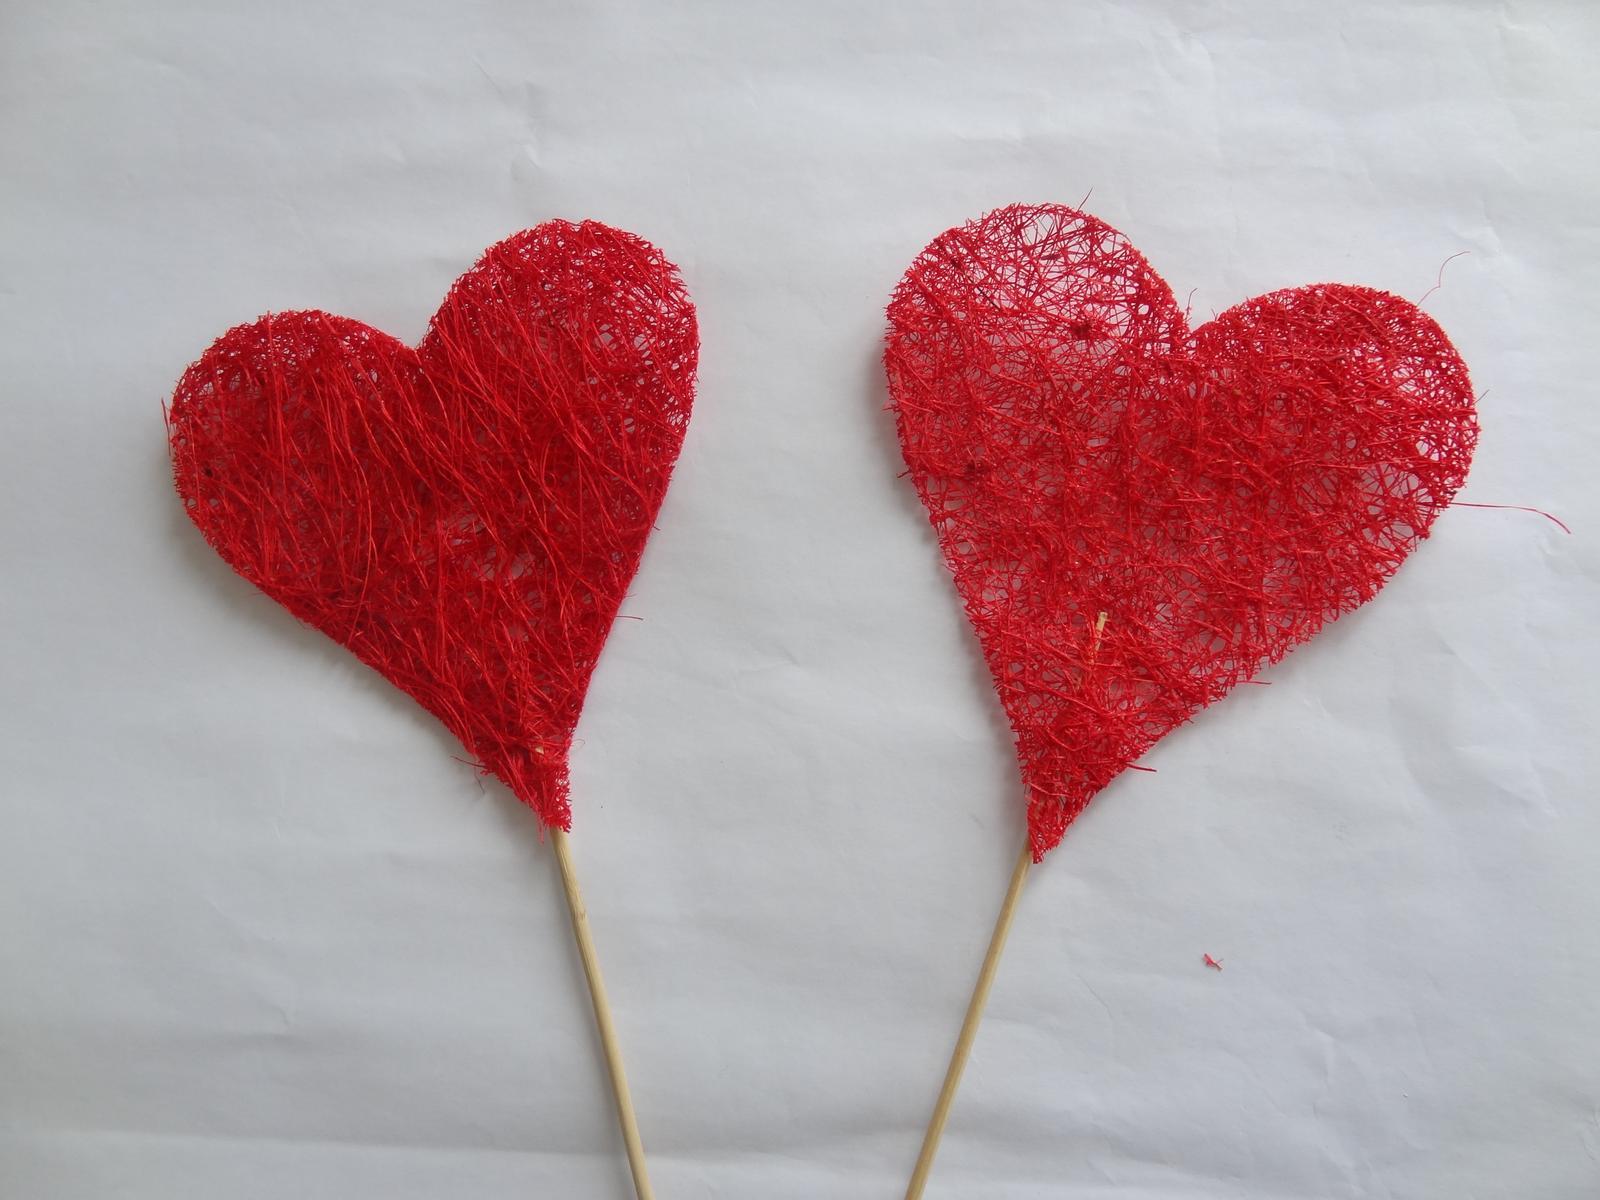 Srdce na špejli - Obrázek č. 1